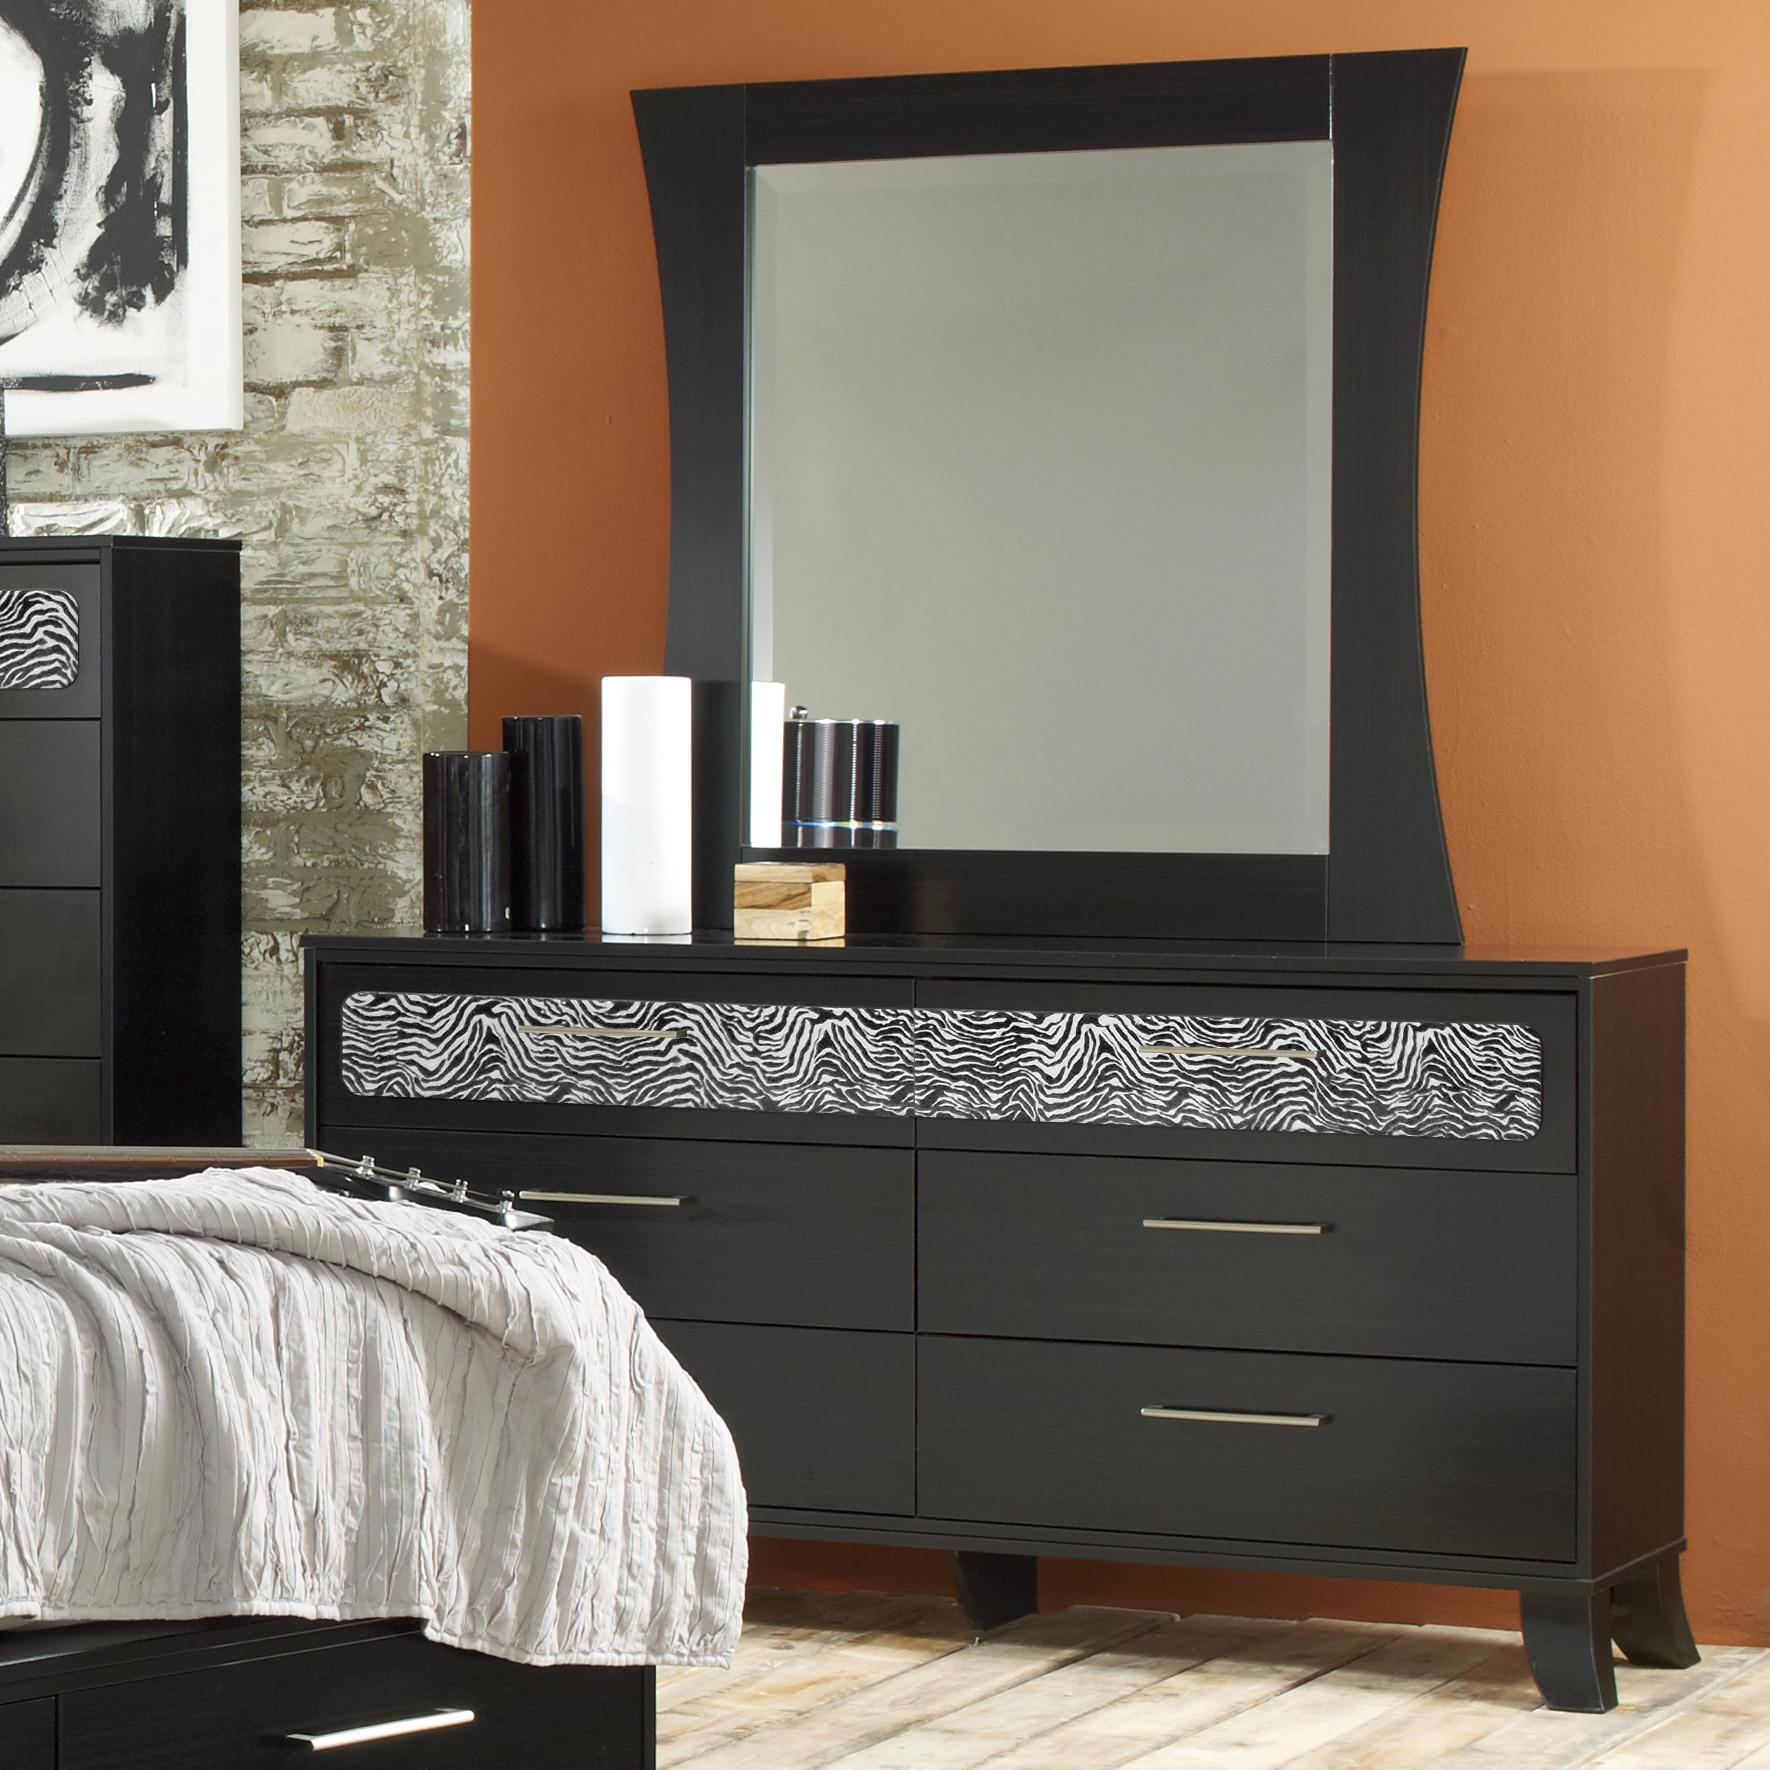 Lang Black Earth 6 Drawer Dresser U0026 Black Framed Mirror Set   AHFA    Dresser U0026 Mirror Dealer Locator